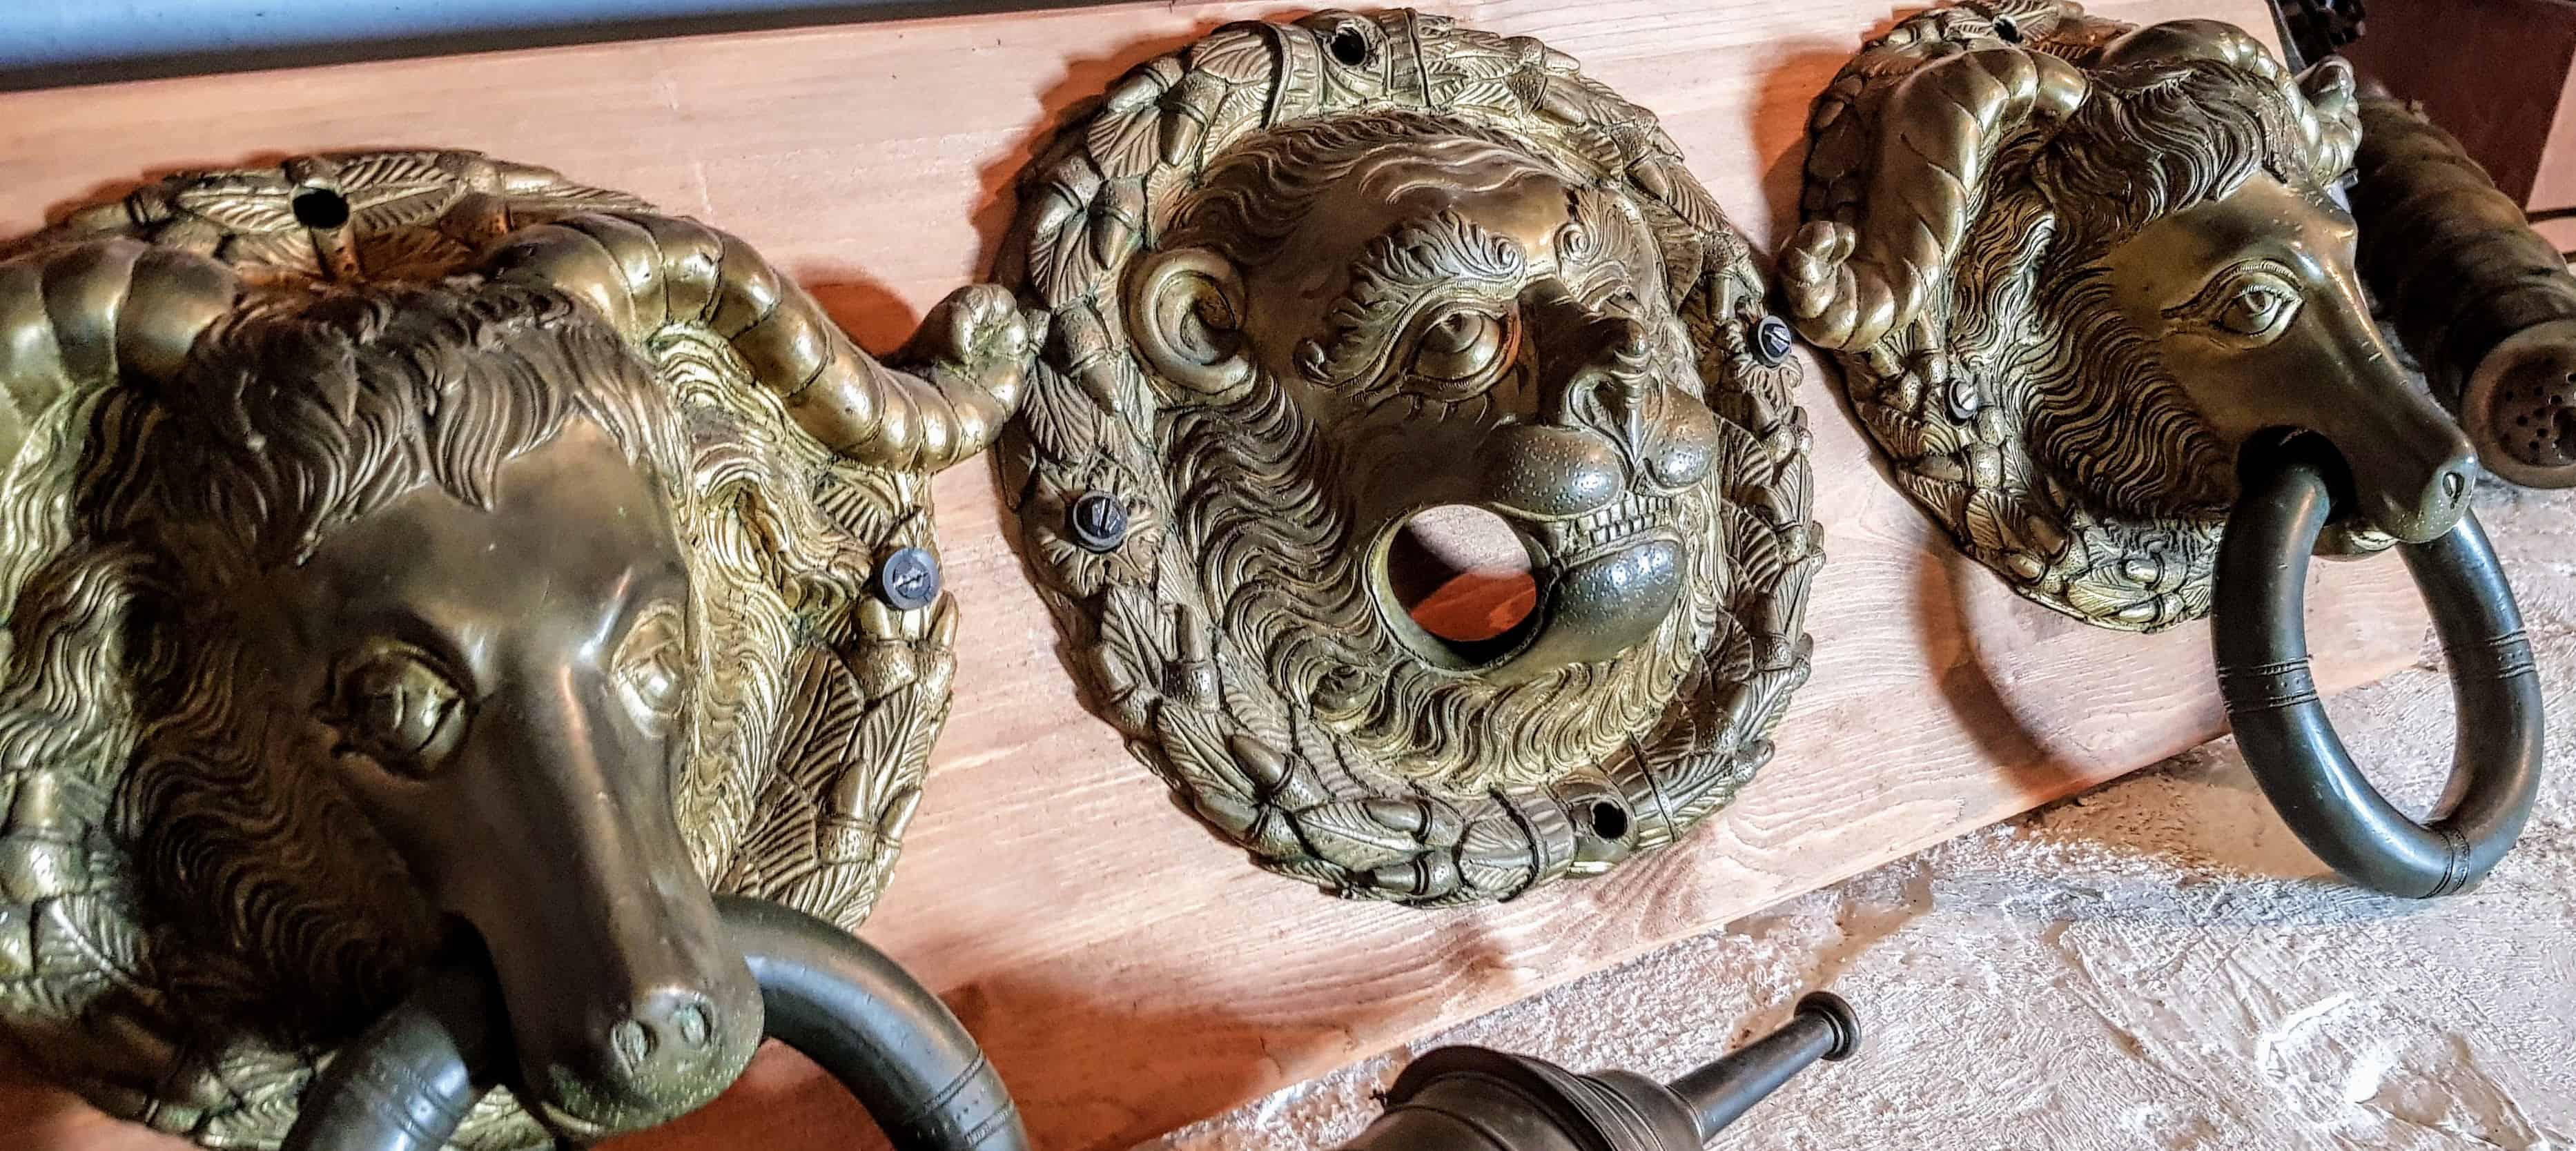 Mittelalterliche Exponate bei Ausstellung im Museum der Burg Hochosterwitz in Österreich